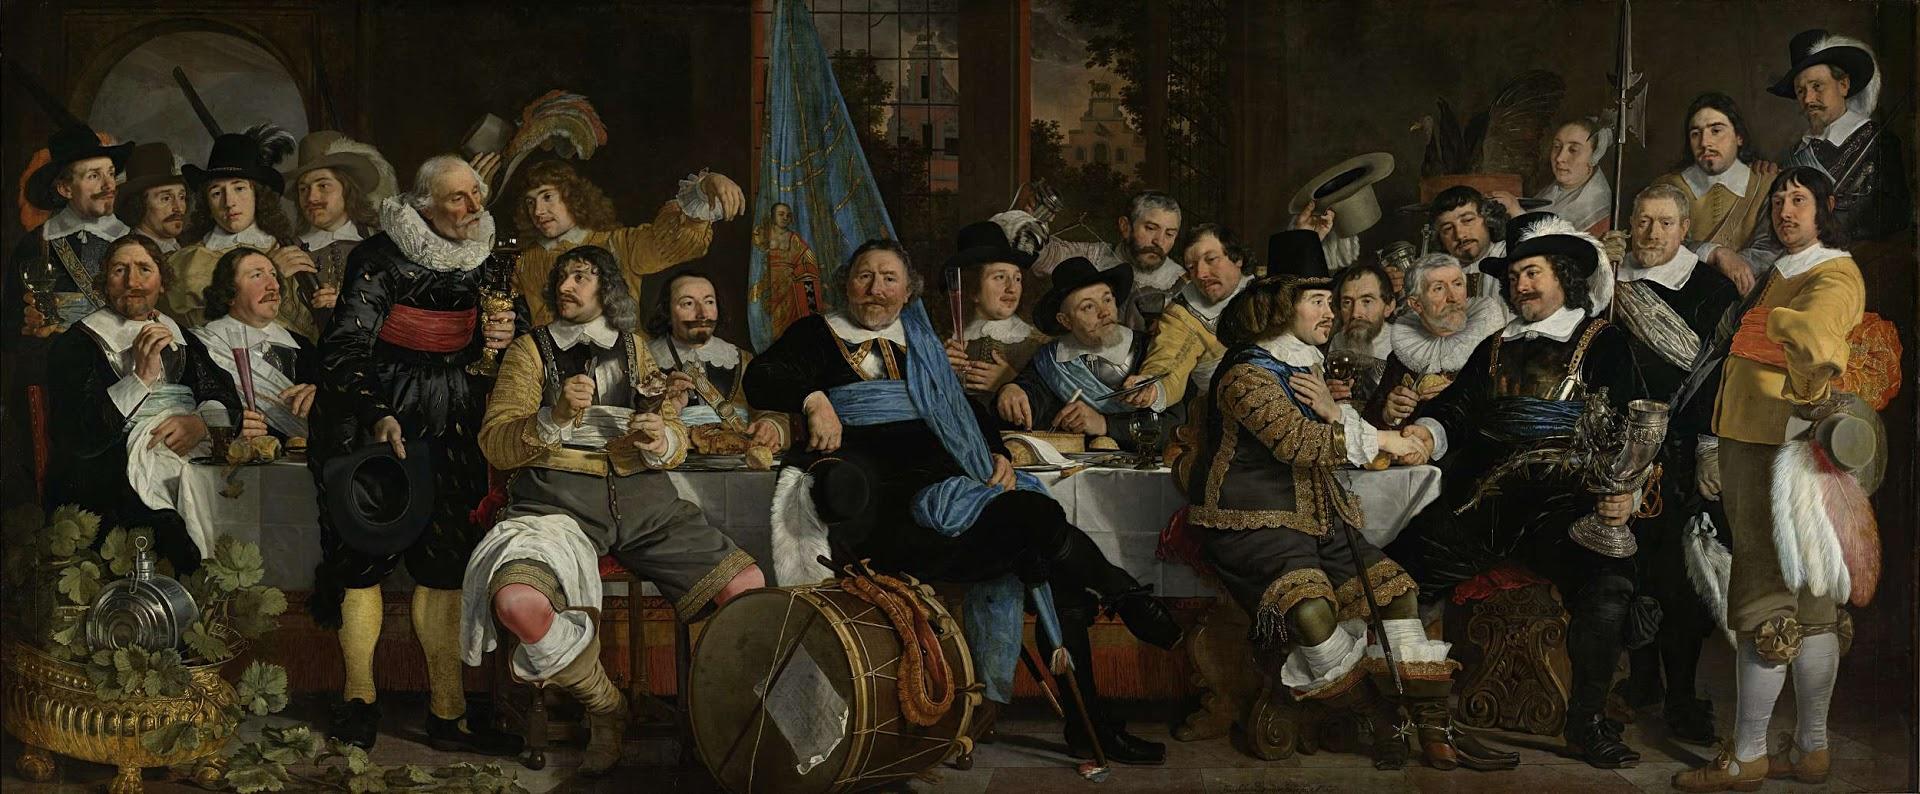 Schuttersmaaltijd ter viering van de Vrede van Munster, Bartholomeus van der Helst (1648), Collectie Rijksmuseum